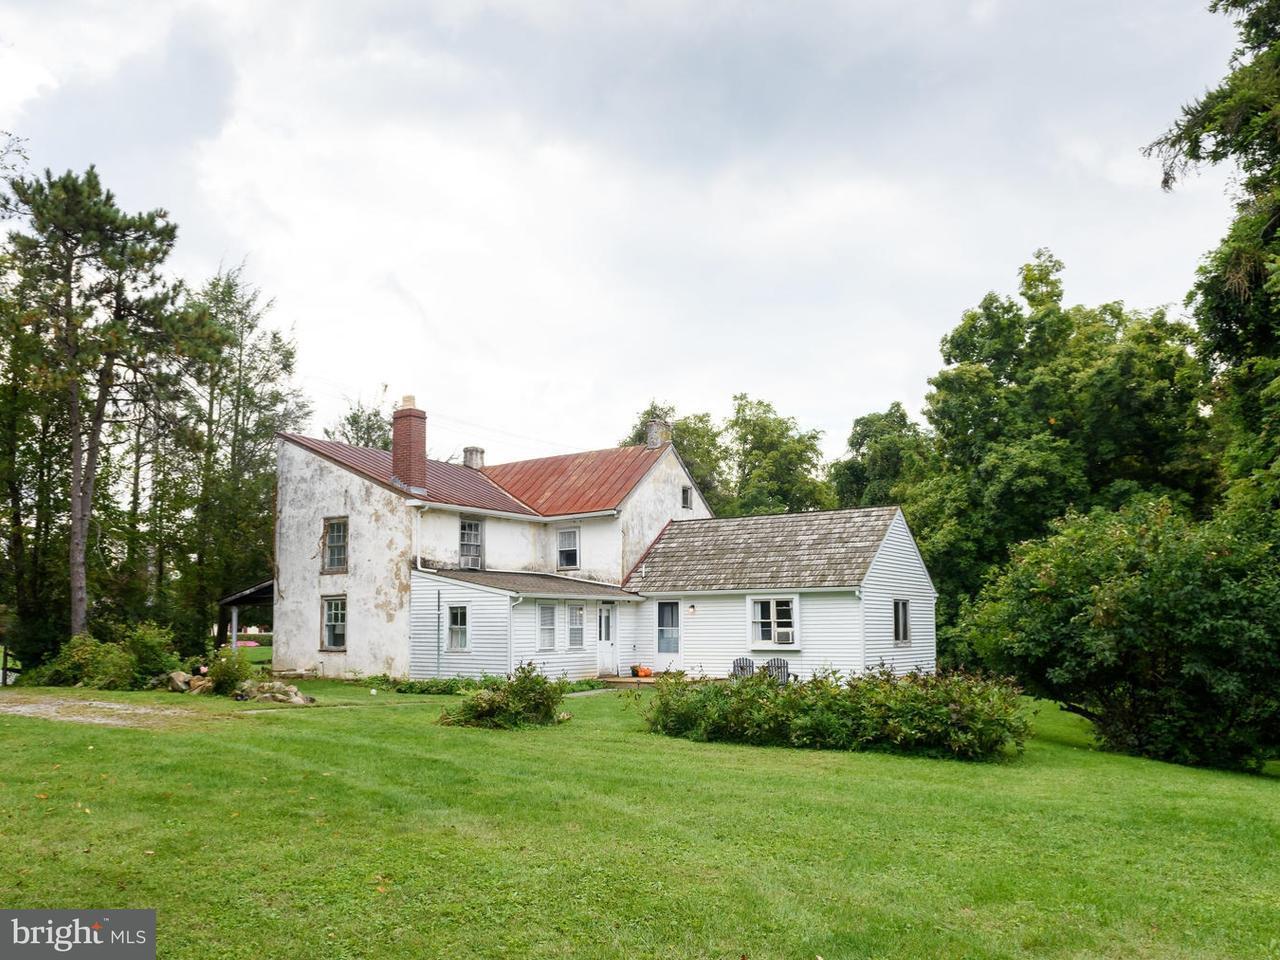 Maison unifamiliale pour l Vente à 1101 LITTLE CONESTOGA Road Glenmoore, Pennsylvanie 19343 États-Unis